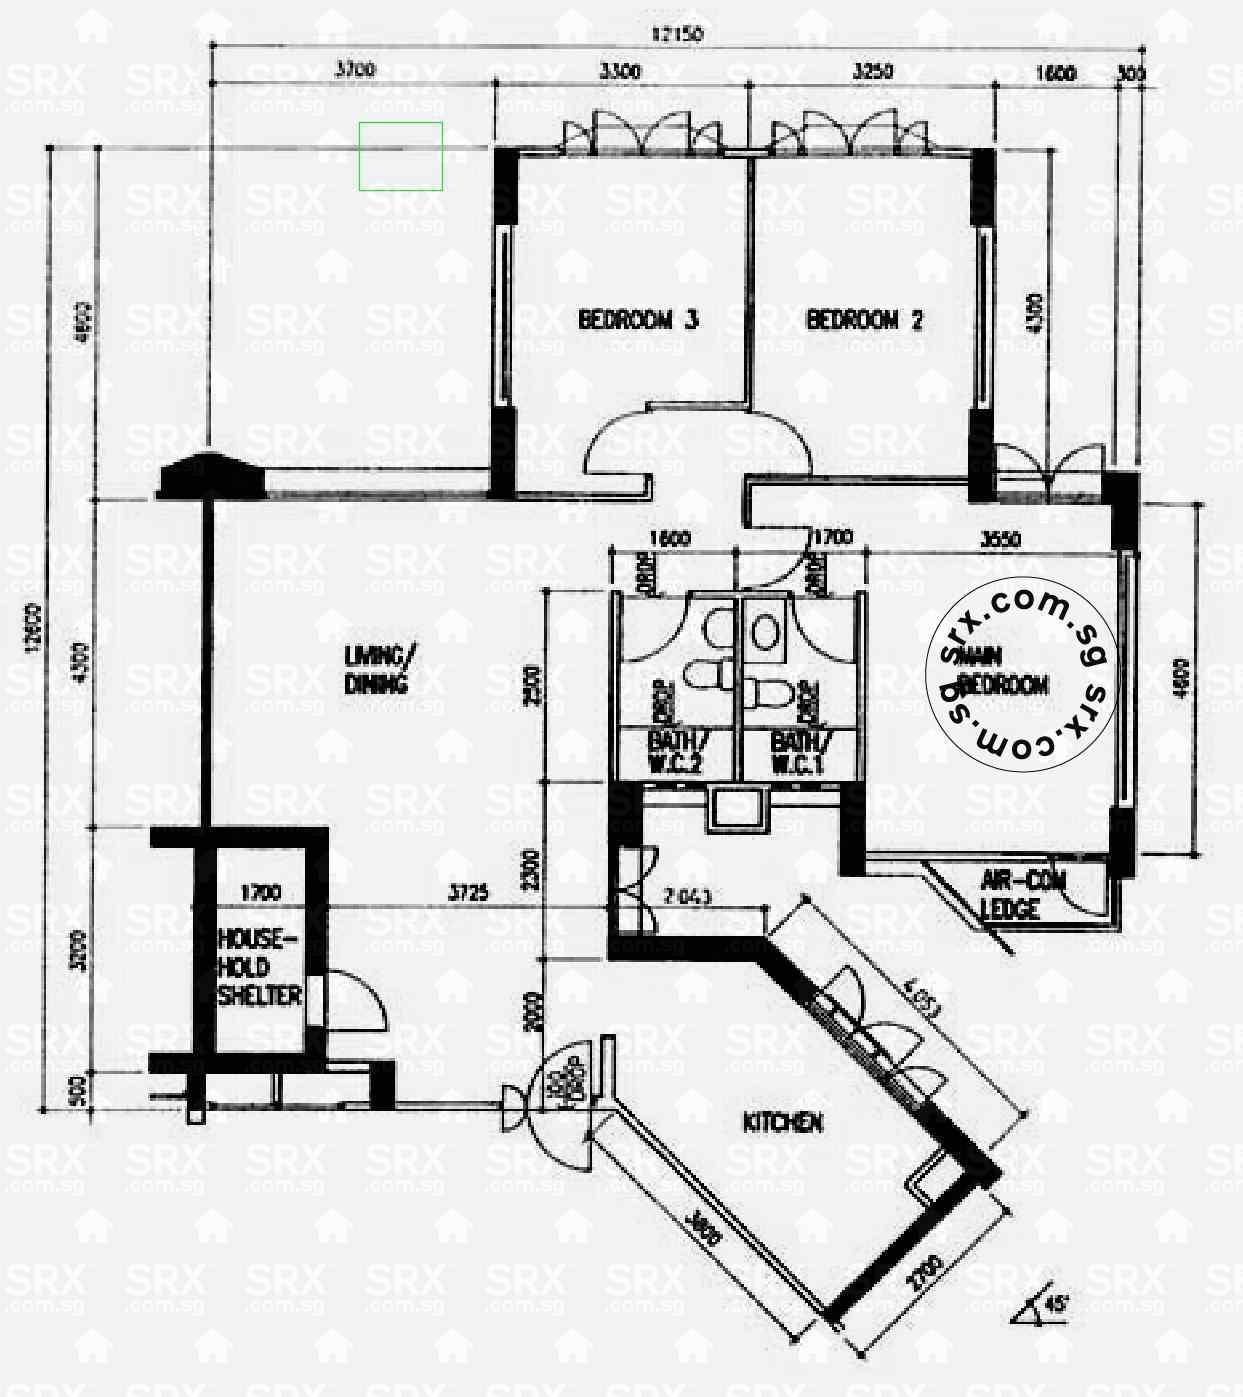 Bedok North Road Floor Plan Image #1